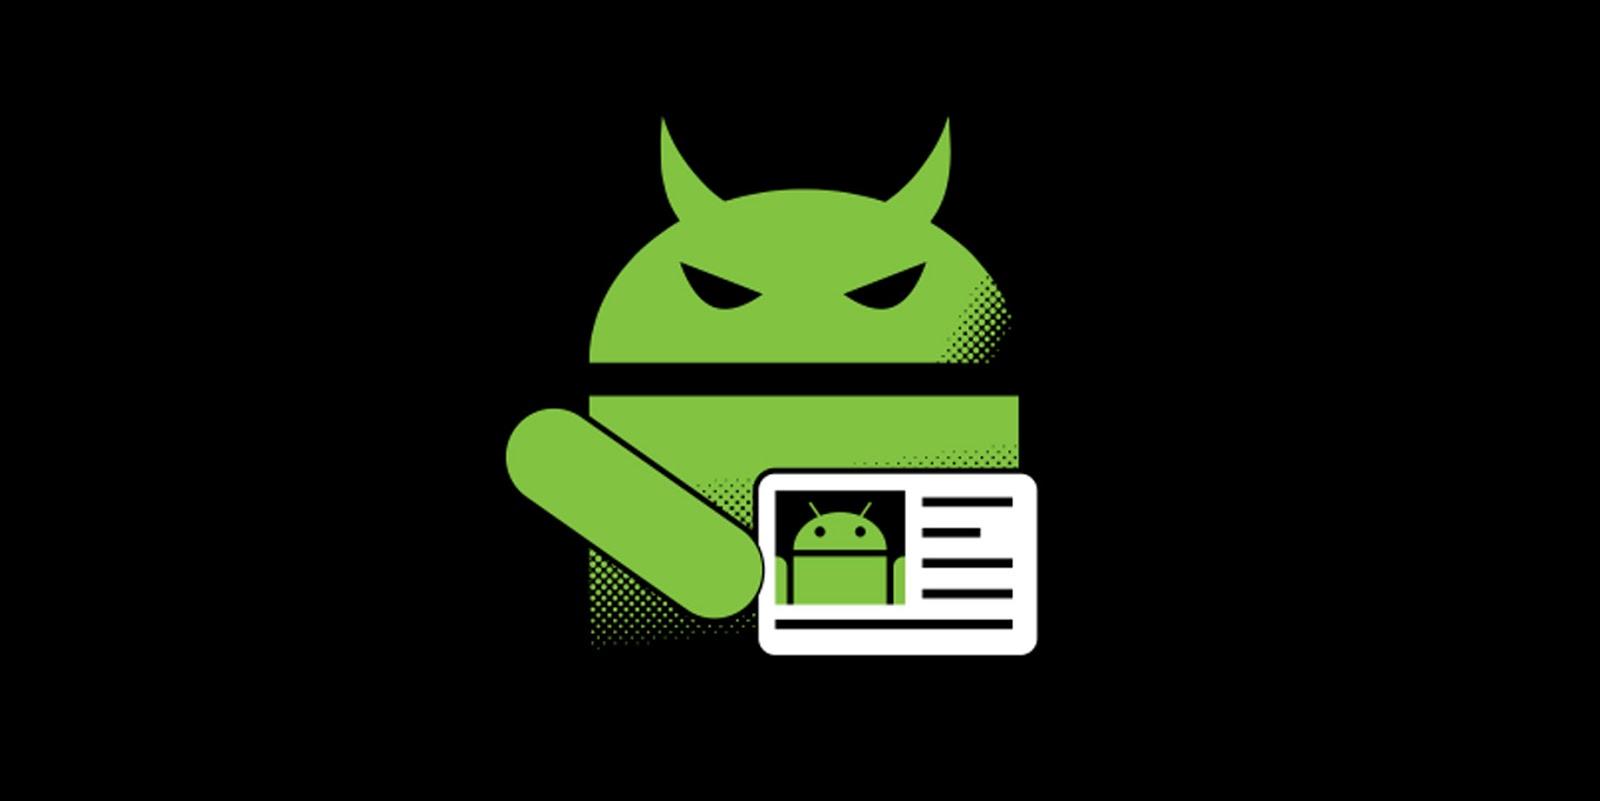 Come migliorare la sicurezza su Android? 2